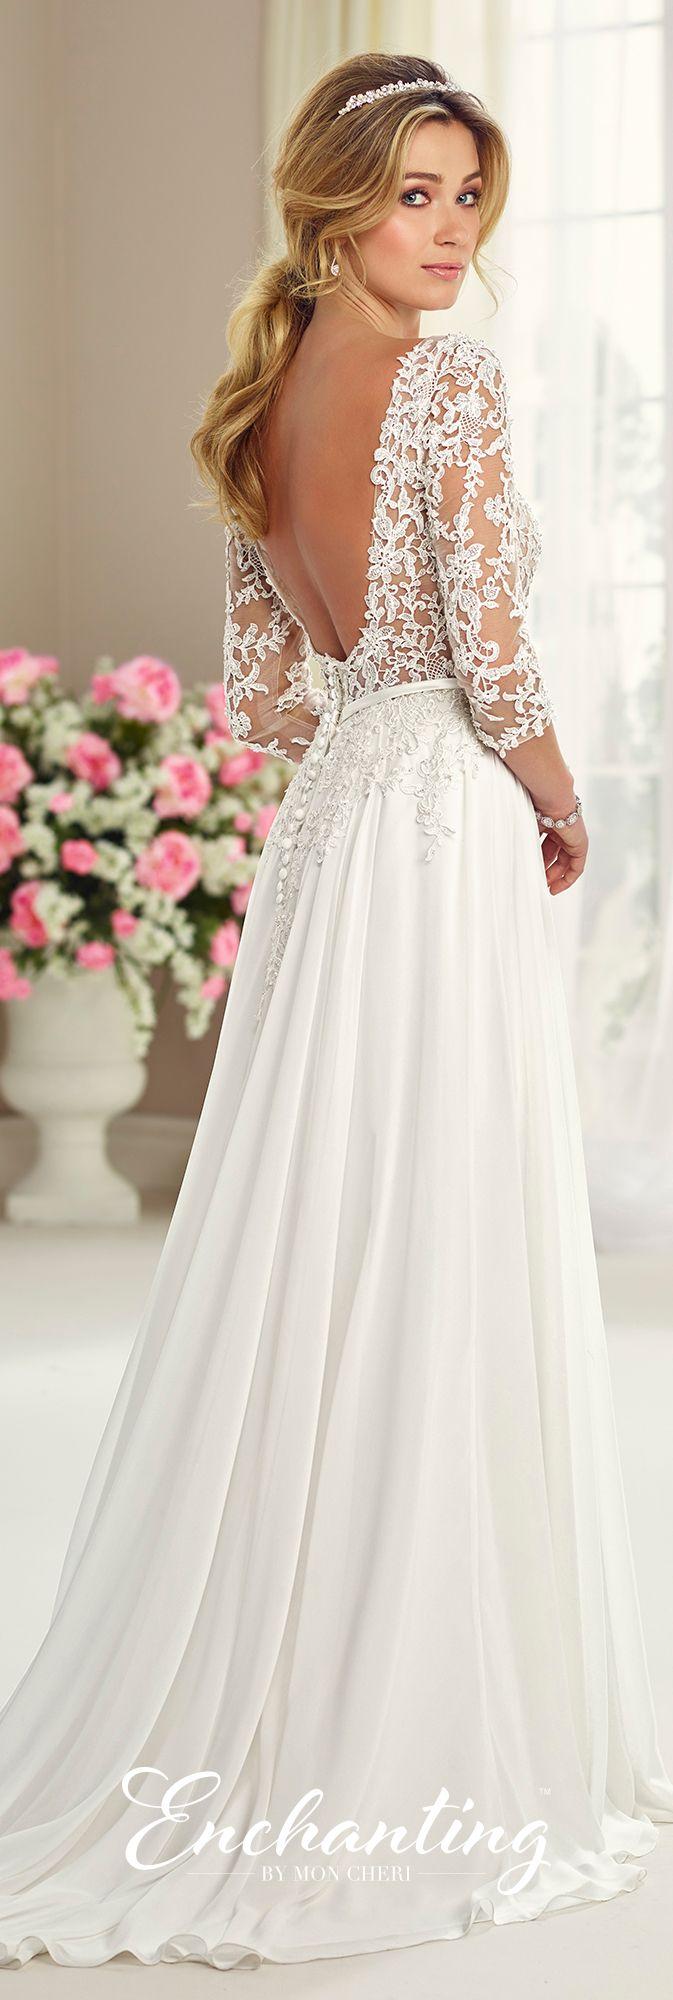 44c073d492b2a7f1082d56c74d1f43e6--country-wedding-dresses-with-sleeves-scoop-back-wedding-dress